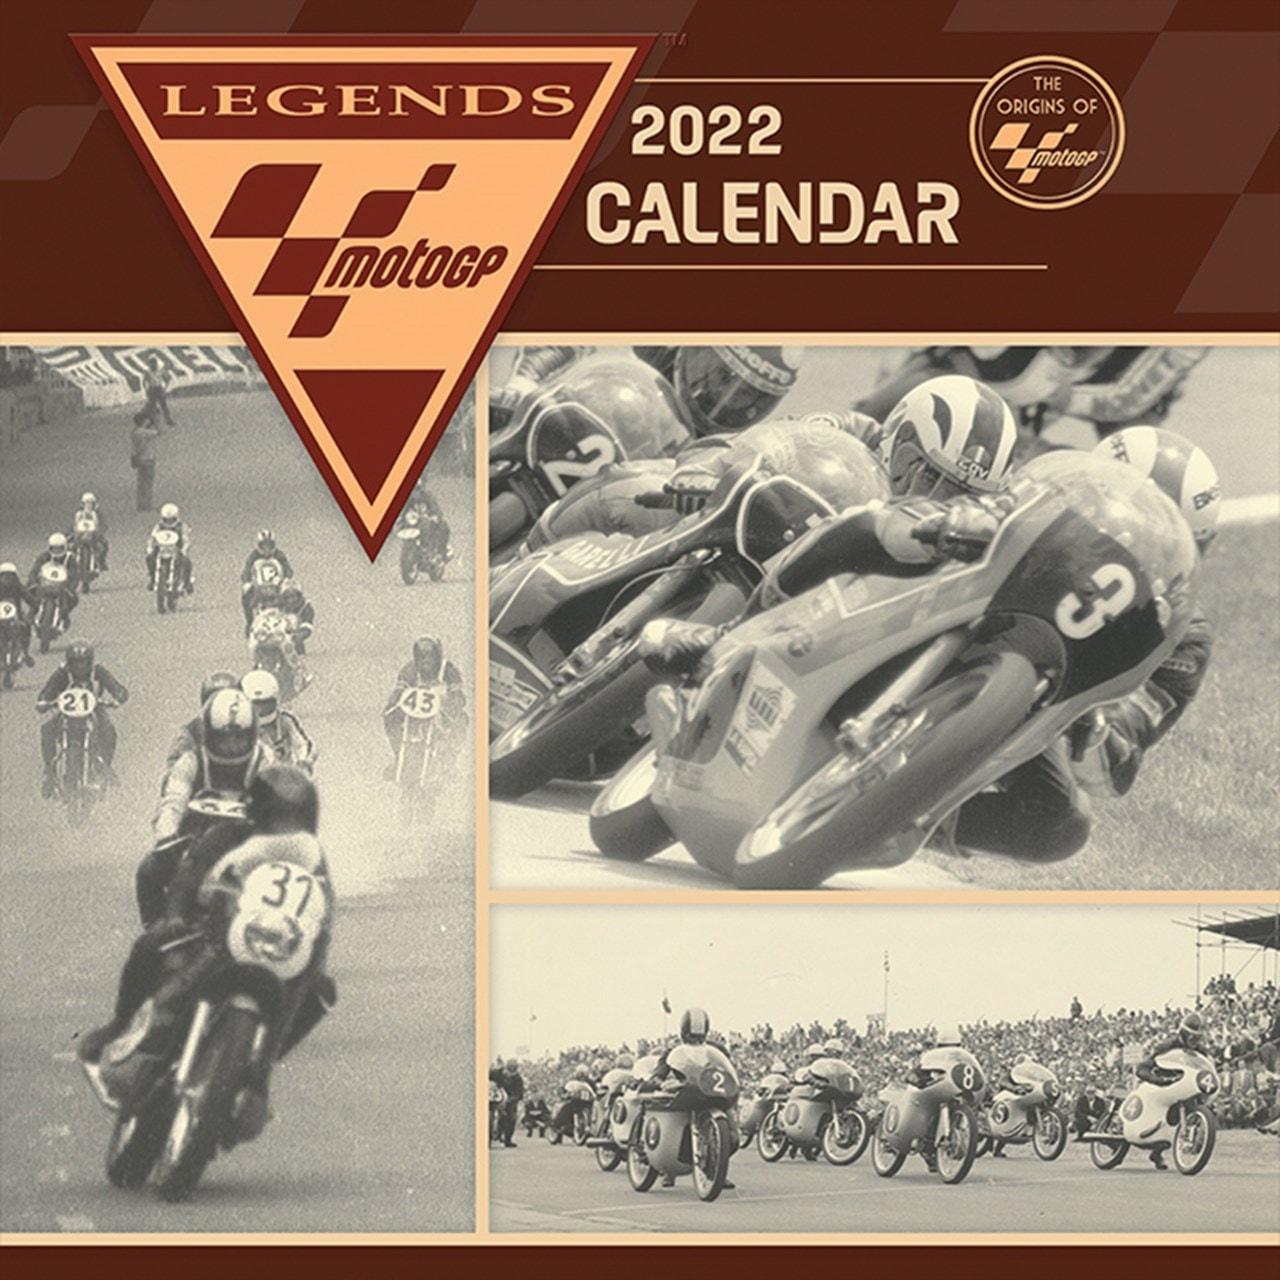 Motogp Calendar 2022.Origins Of Moto Gp Square 2022 Calendar Calendars Free Shipping Over 20 Hmv Store